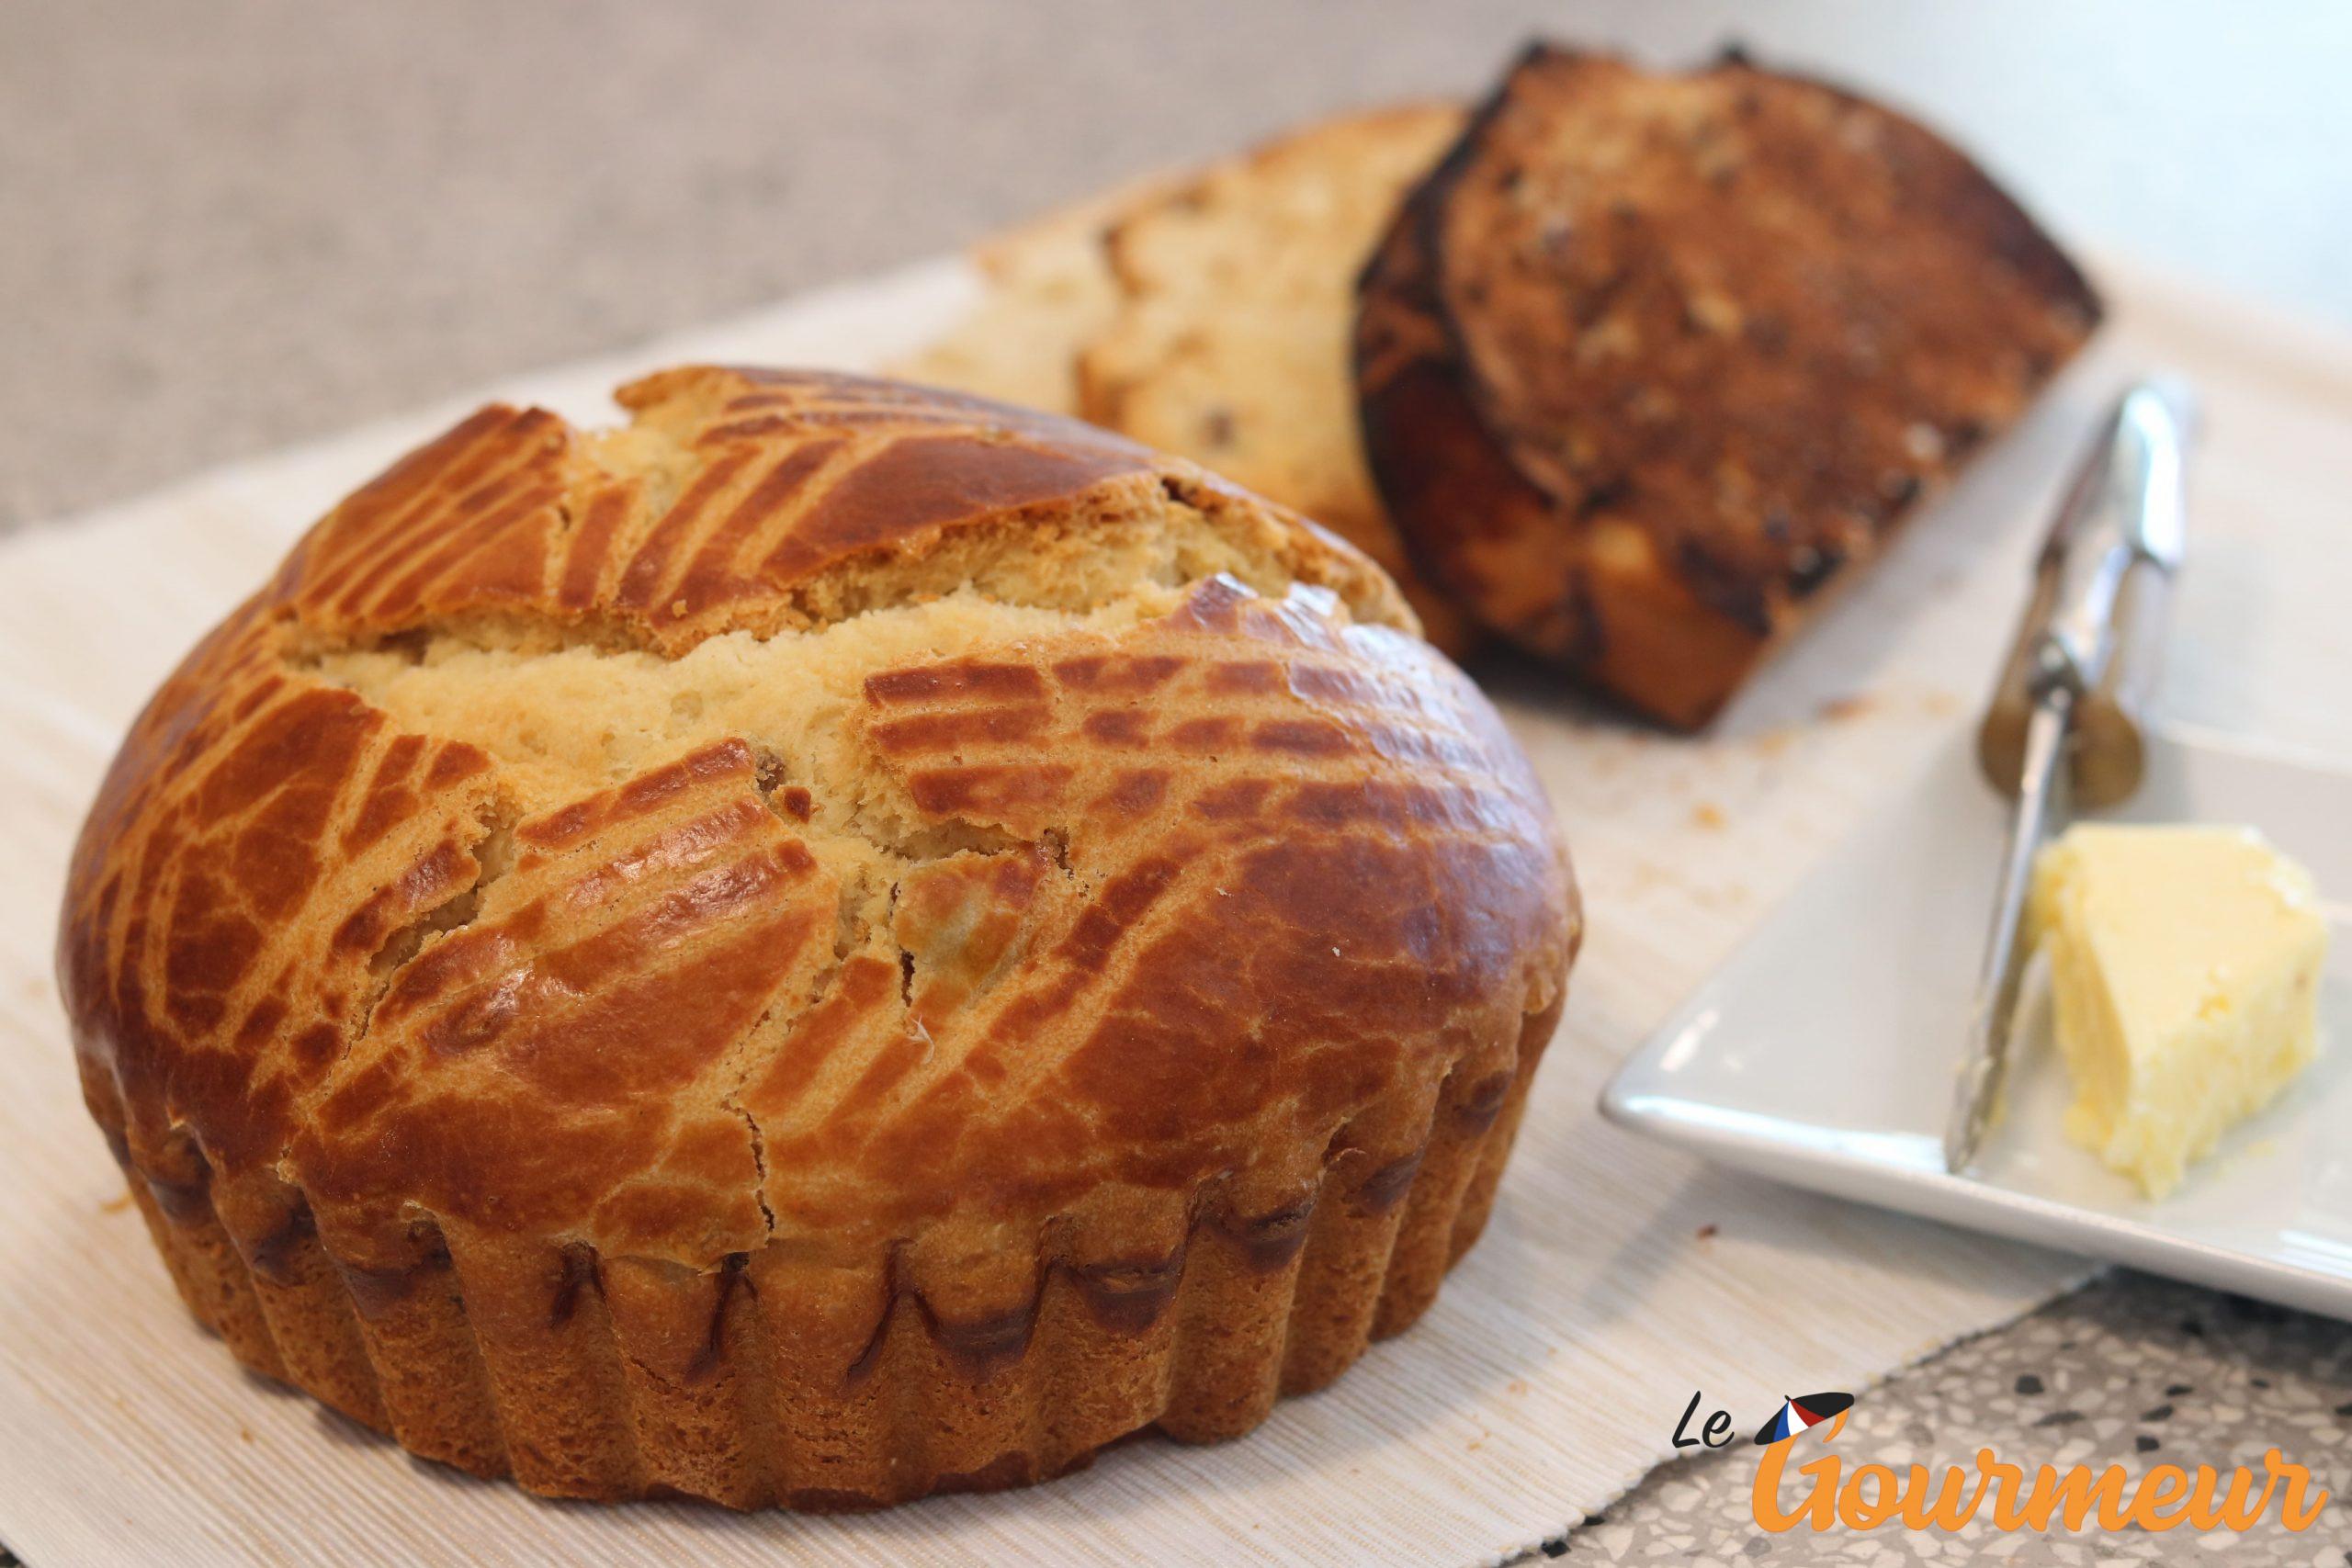 kouign des gras boulangerie spécialité de quimper, du Finistère et de bretagne